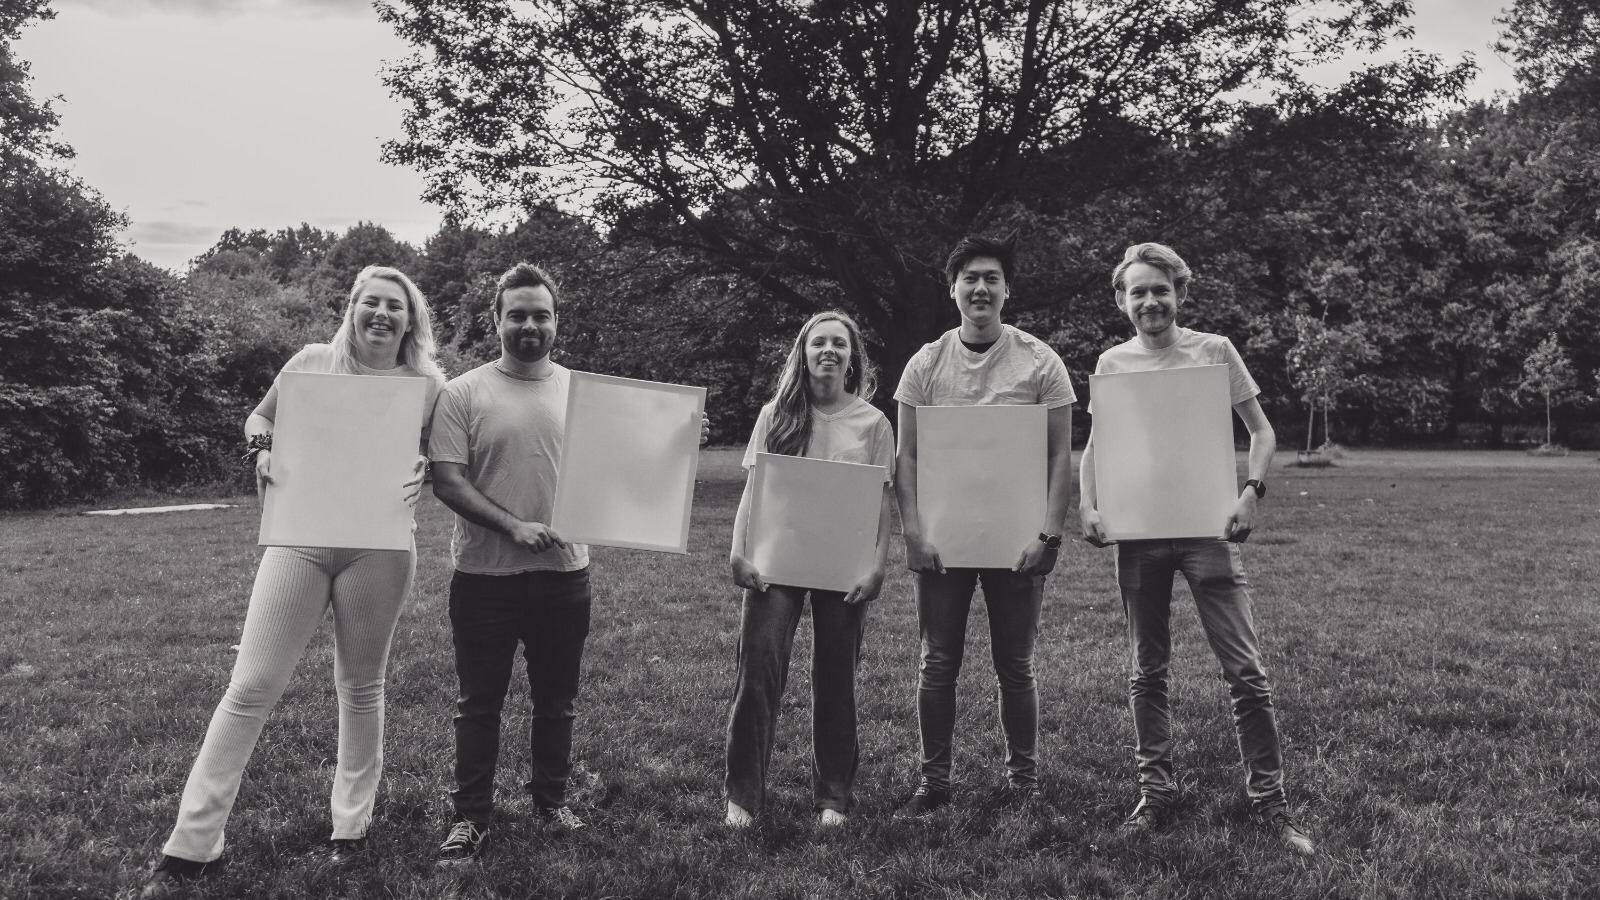 White t-shirt KICnick: een jaarlijks fenomeen in een ander jasje